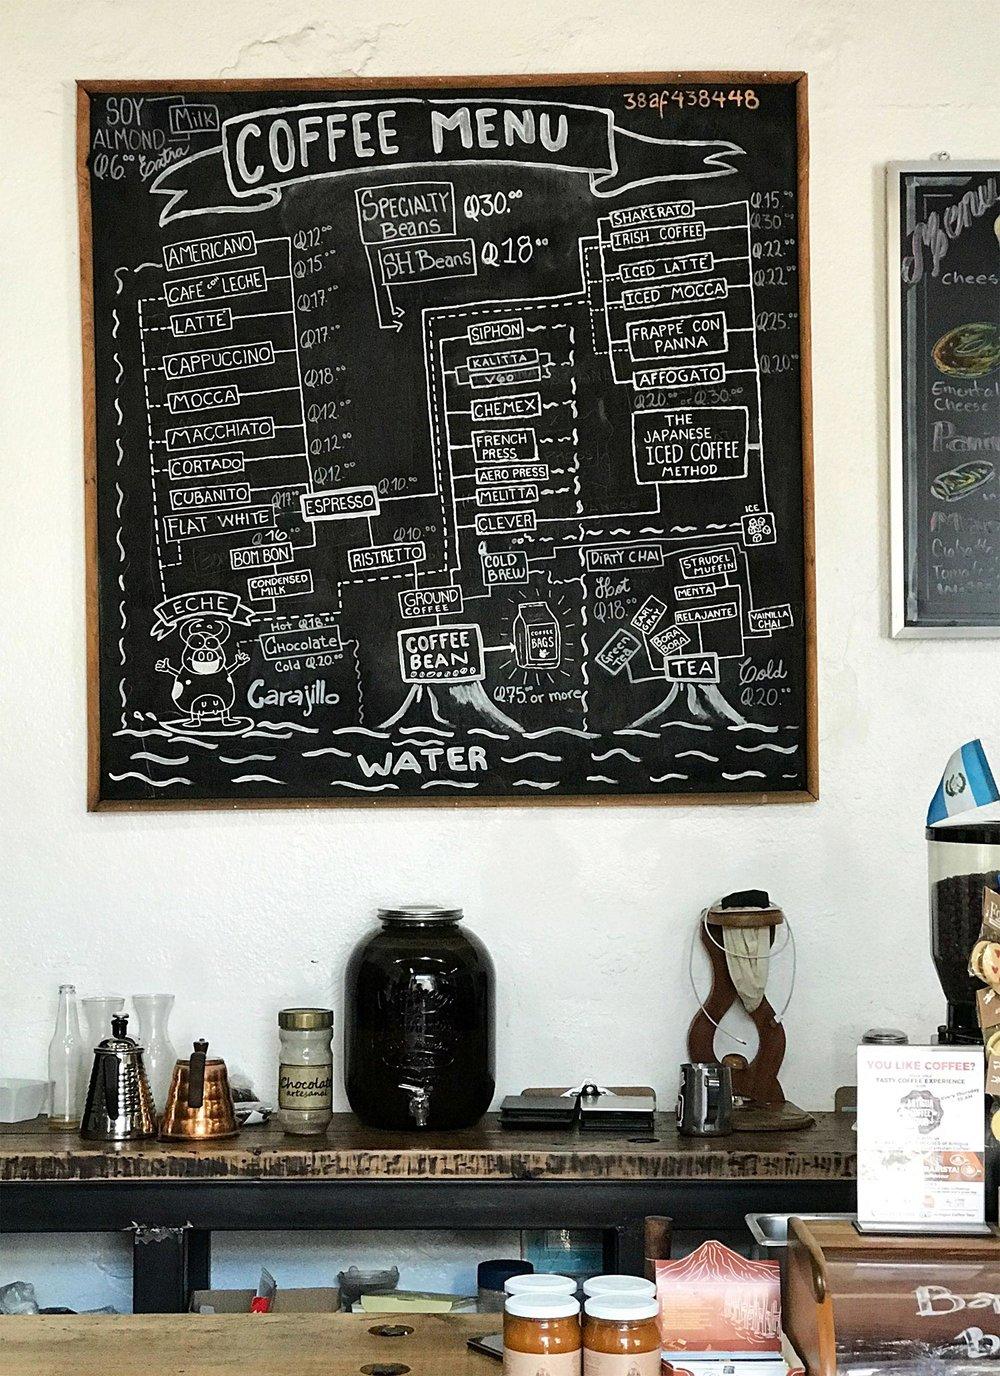 coffee menu in Antigua, Guatemala